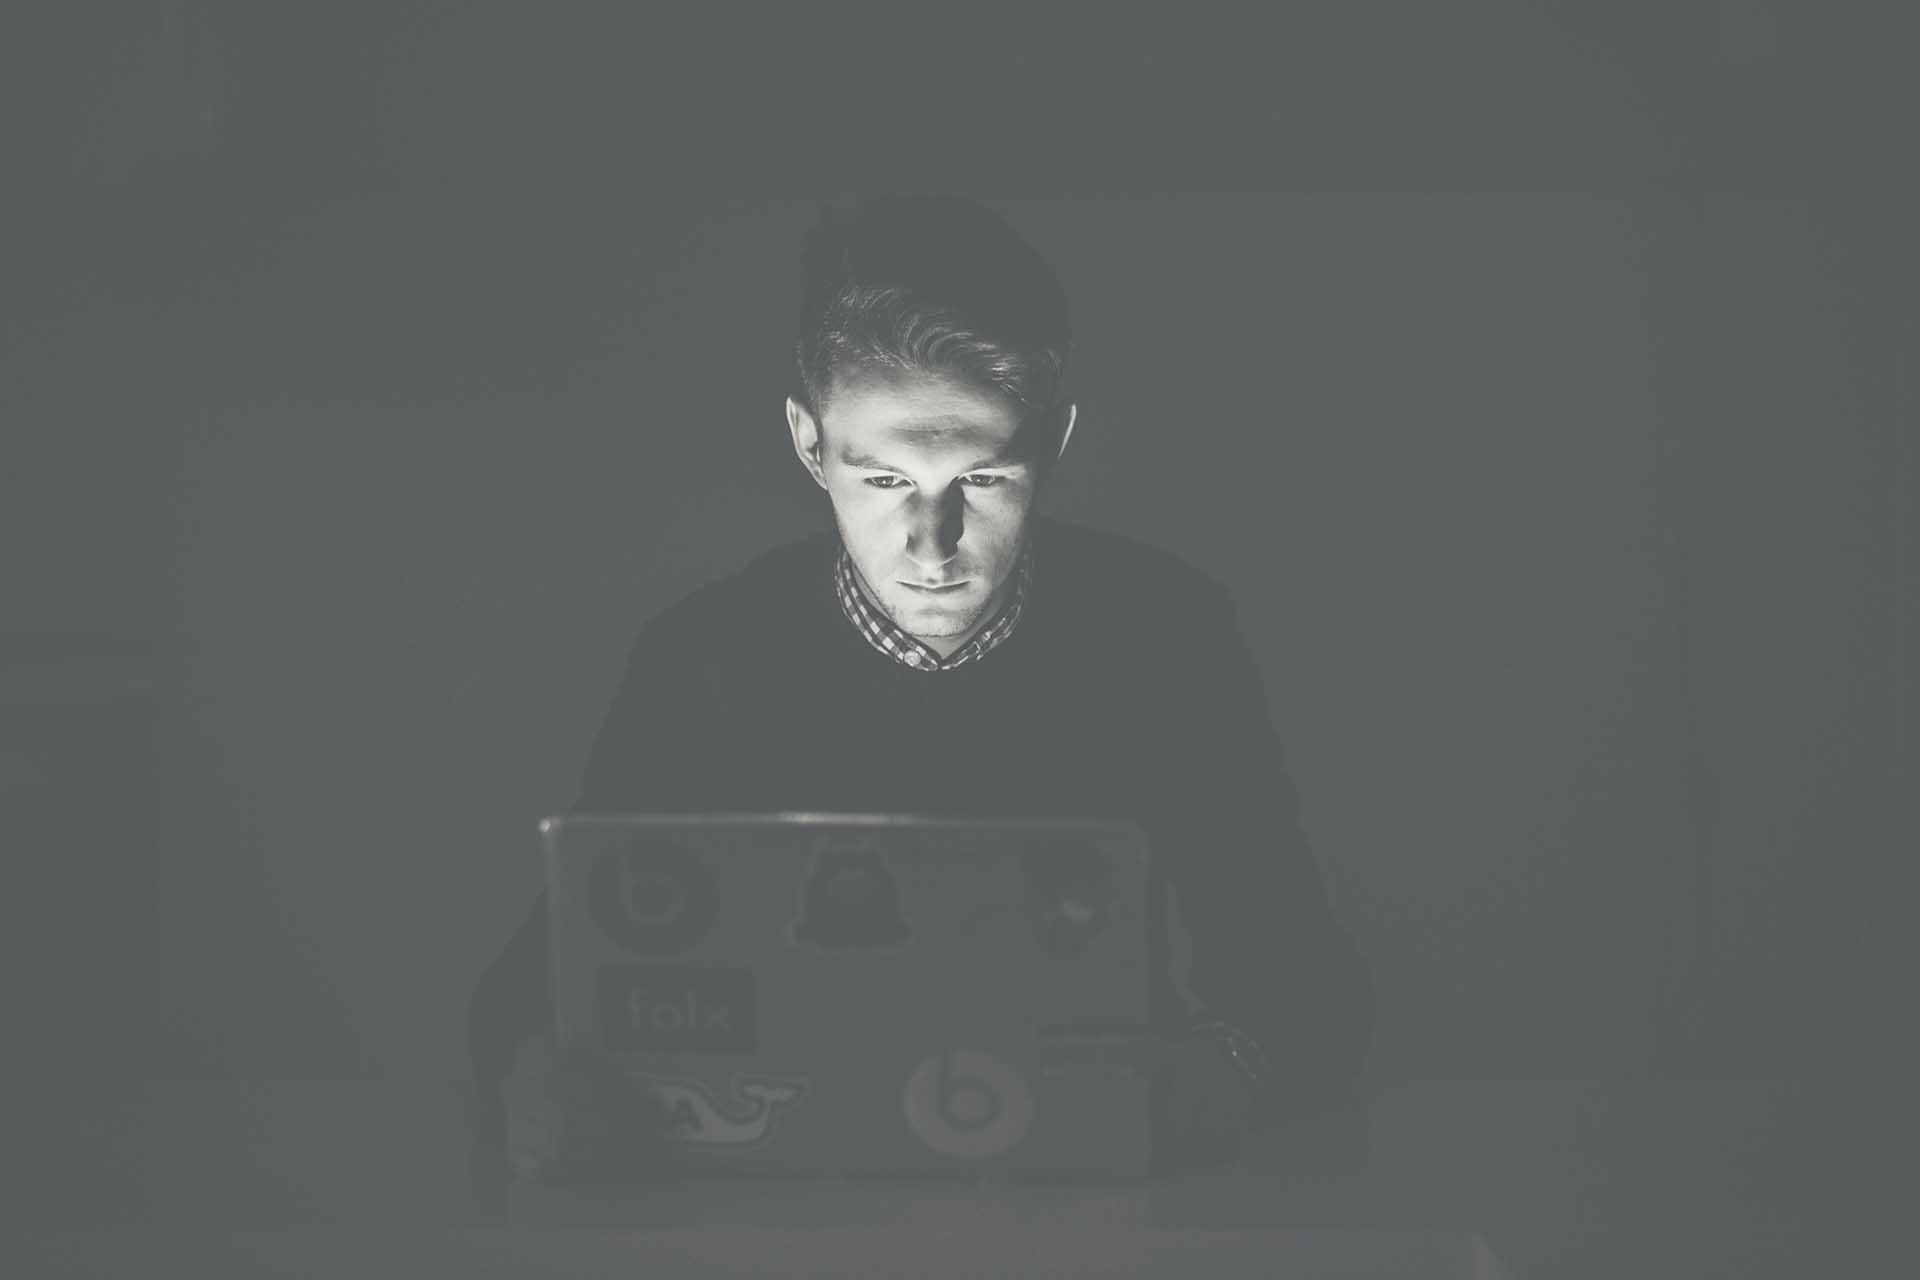 t2informatik Blog: Entwickler 2019 - Motive und Zahlen